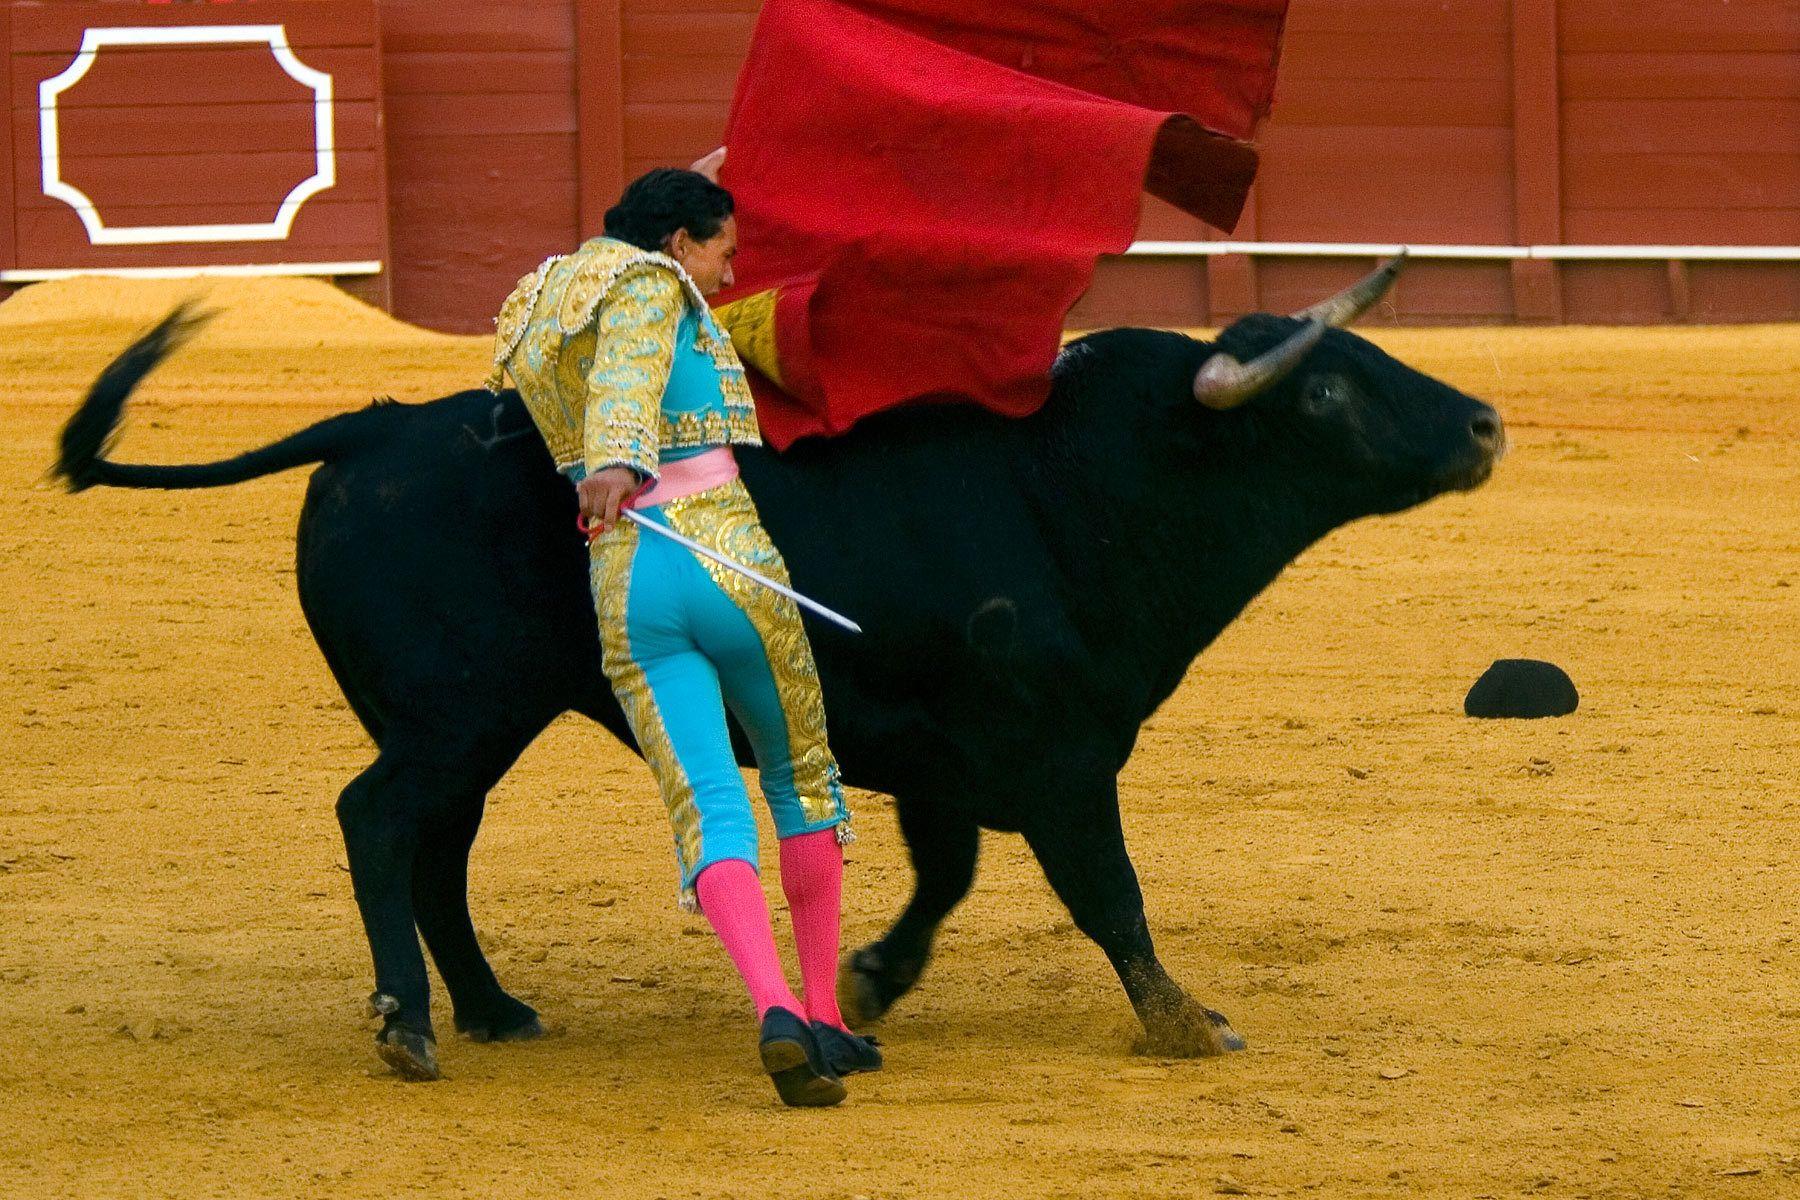 1bullfighter_2.jpg